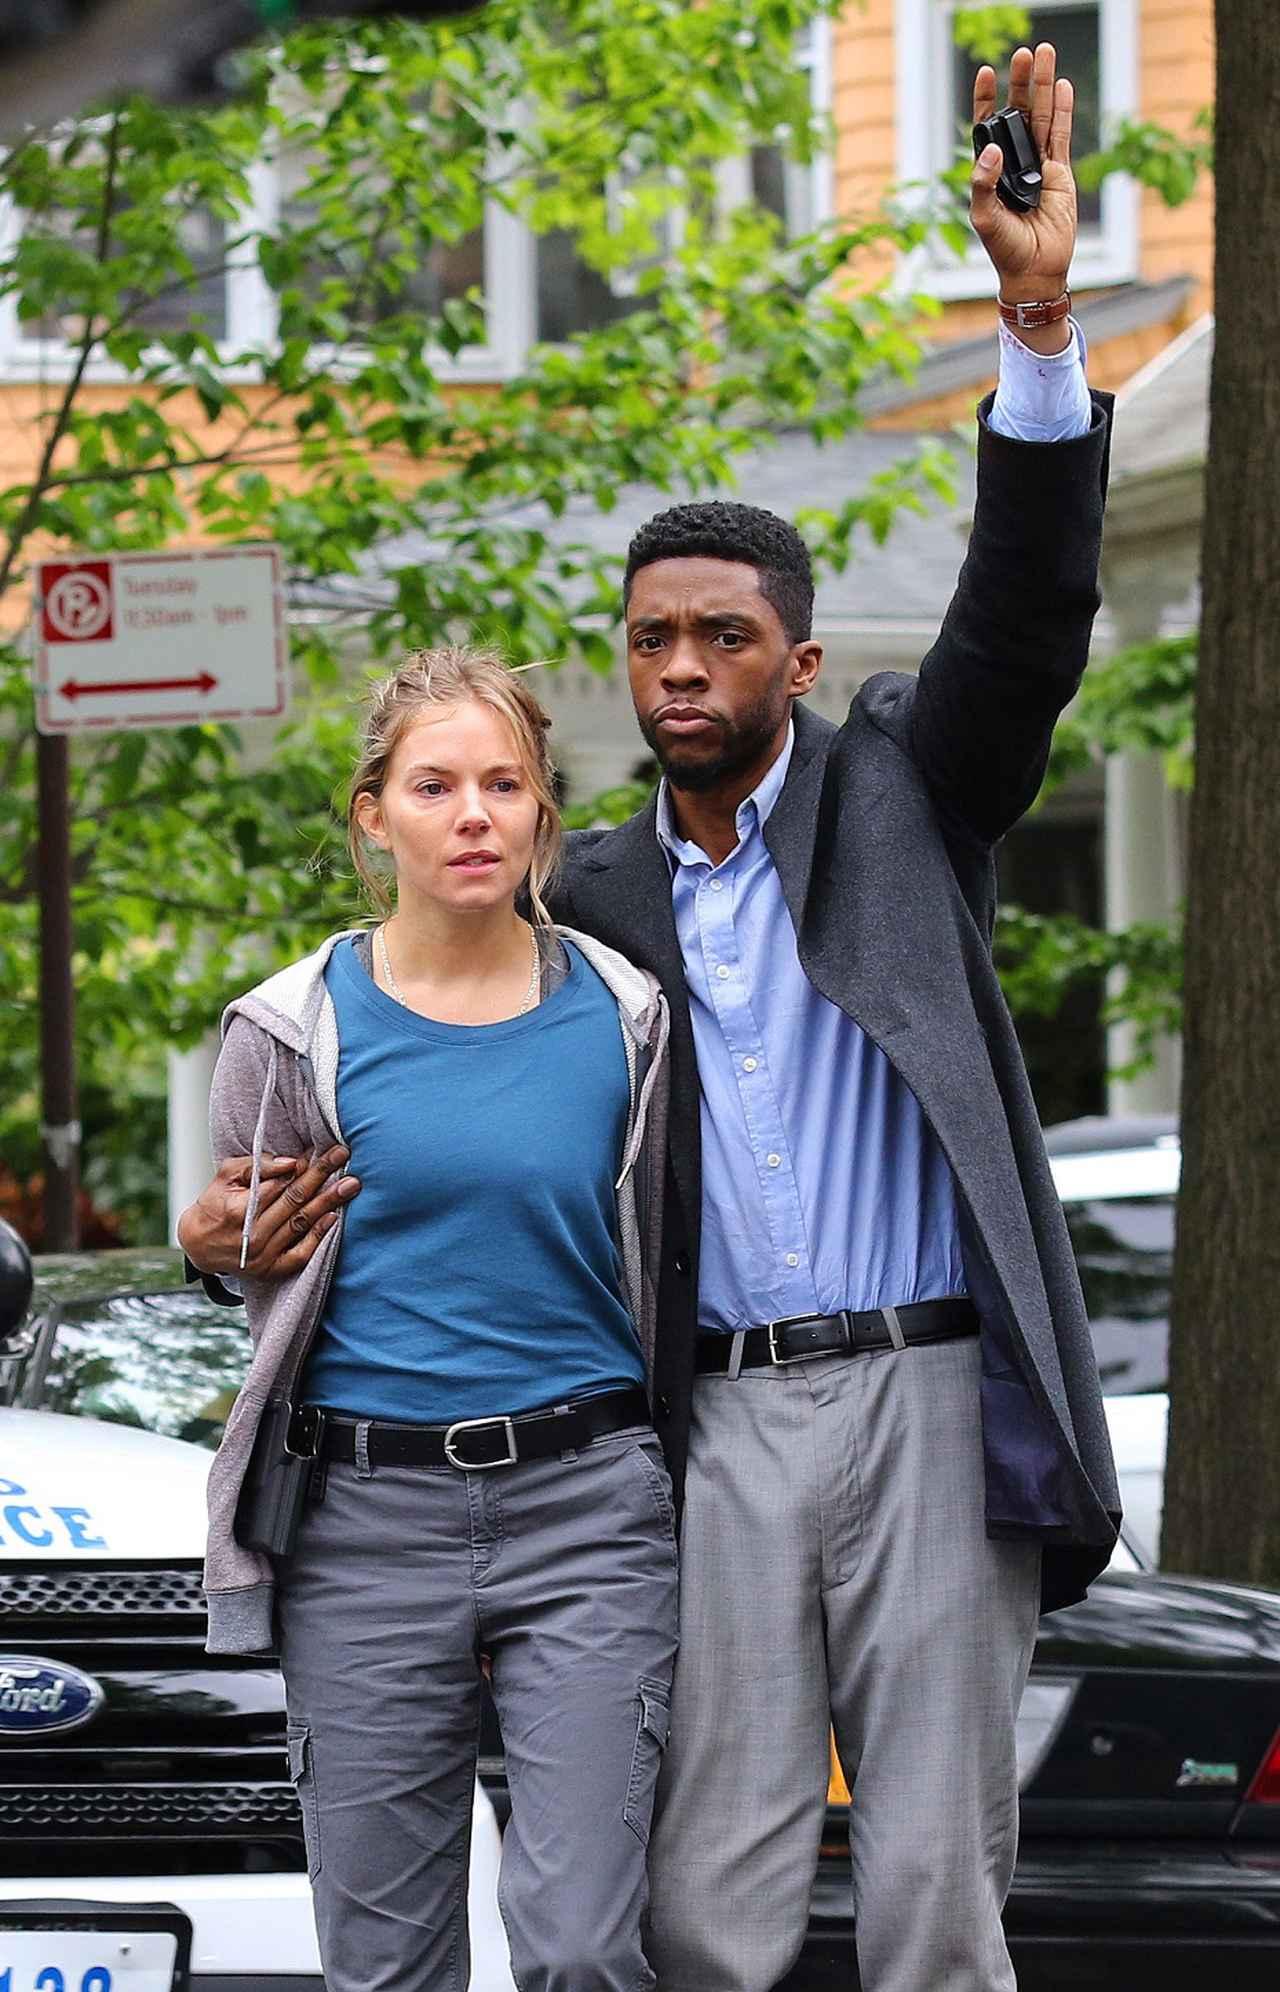 画像: 2019年5月、ブルックリンで『21ブリッジス』を撮影するシエナとチャドウィック。